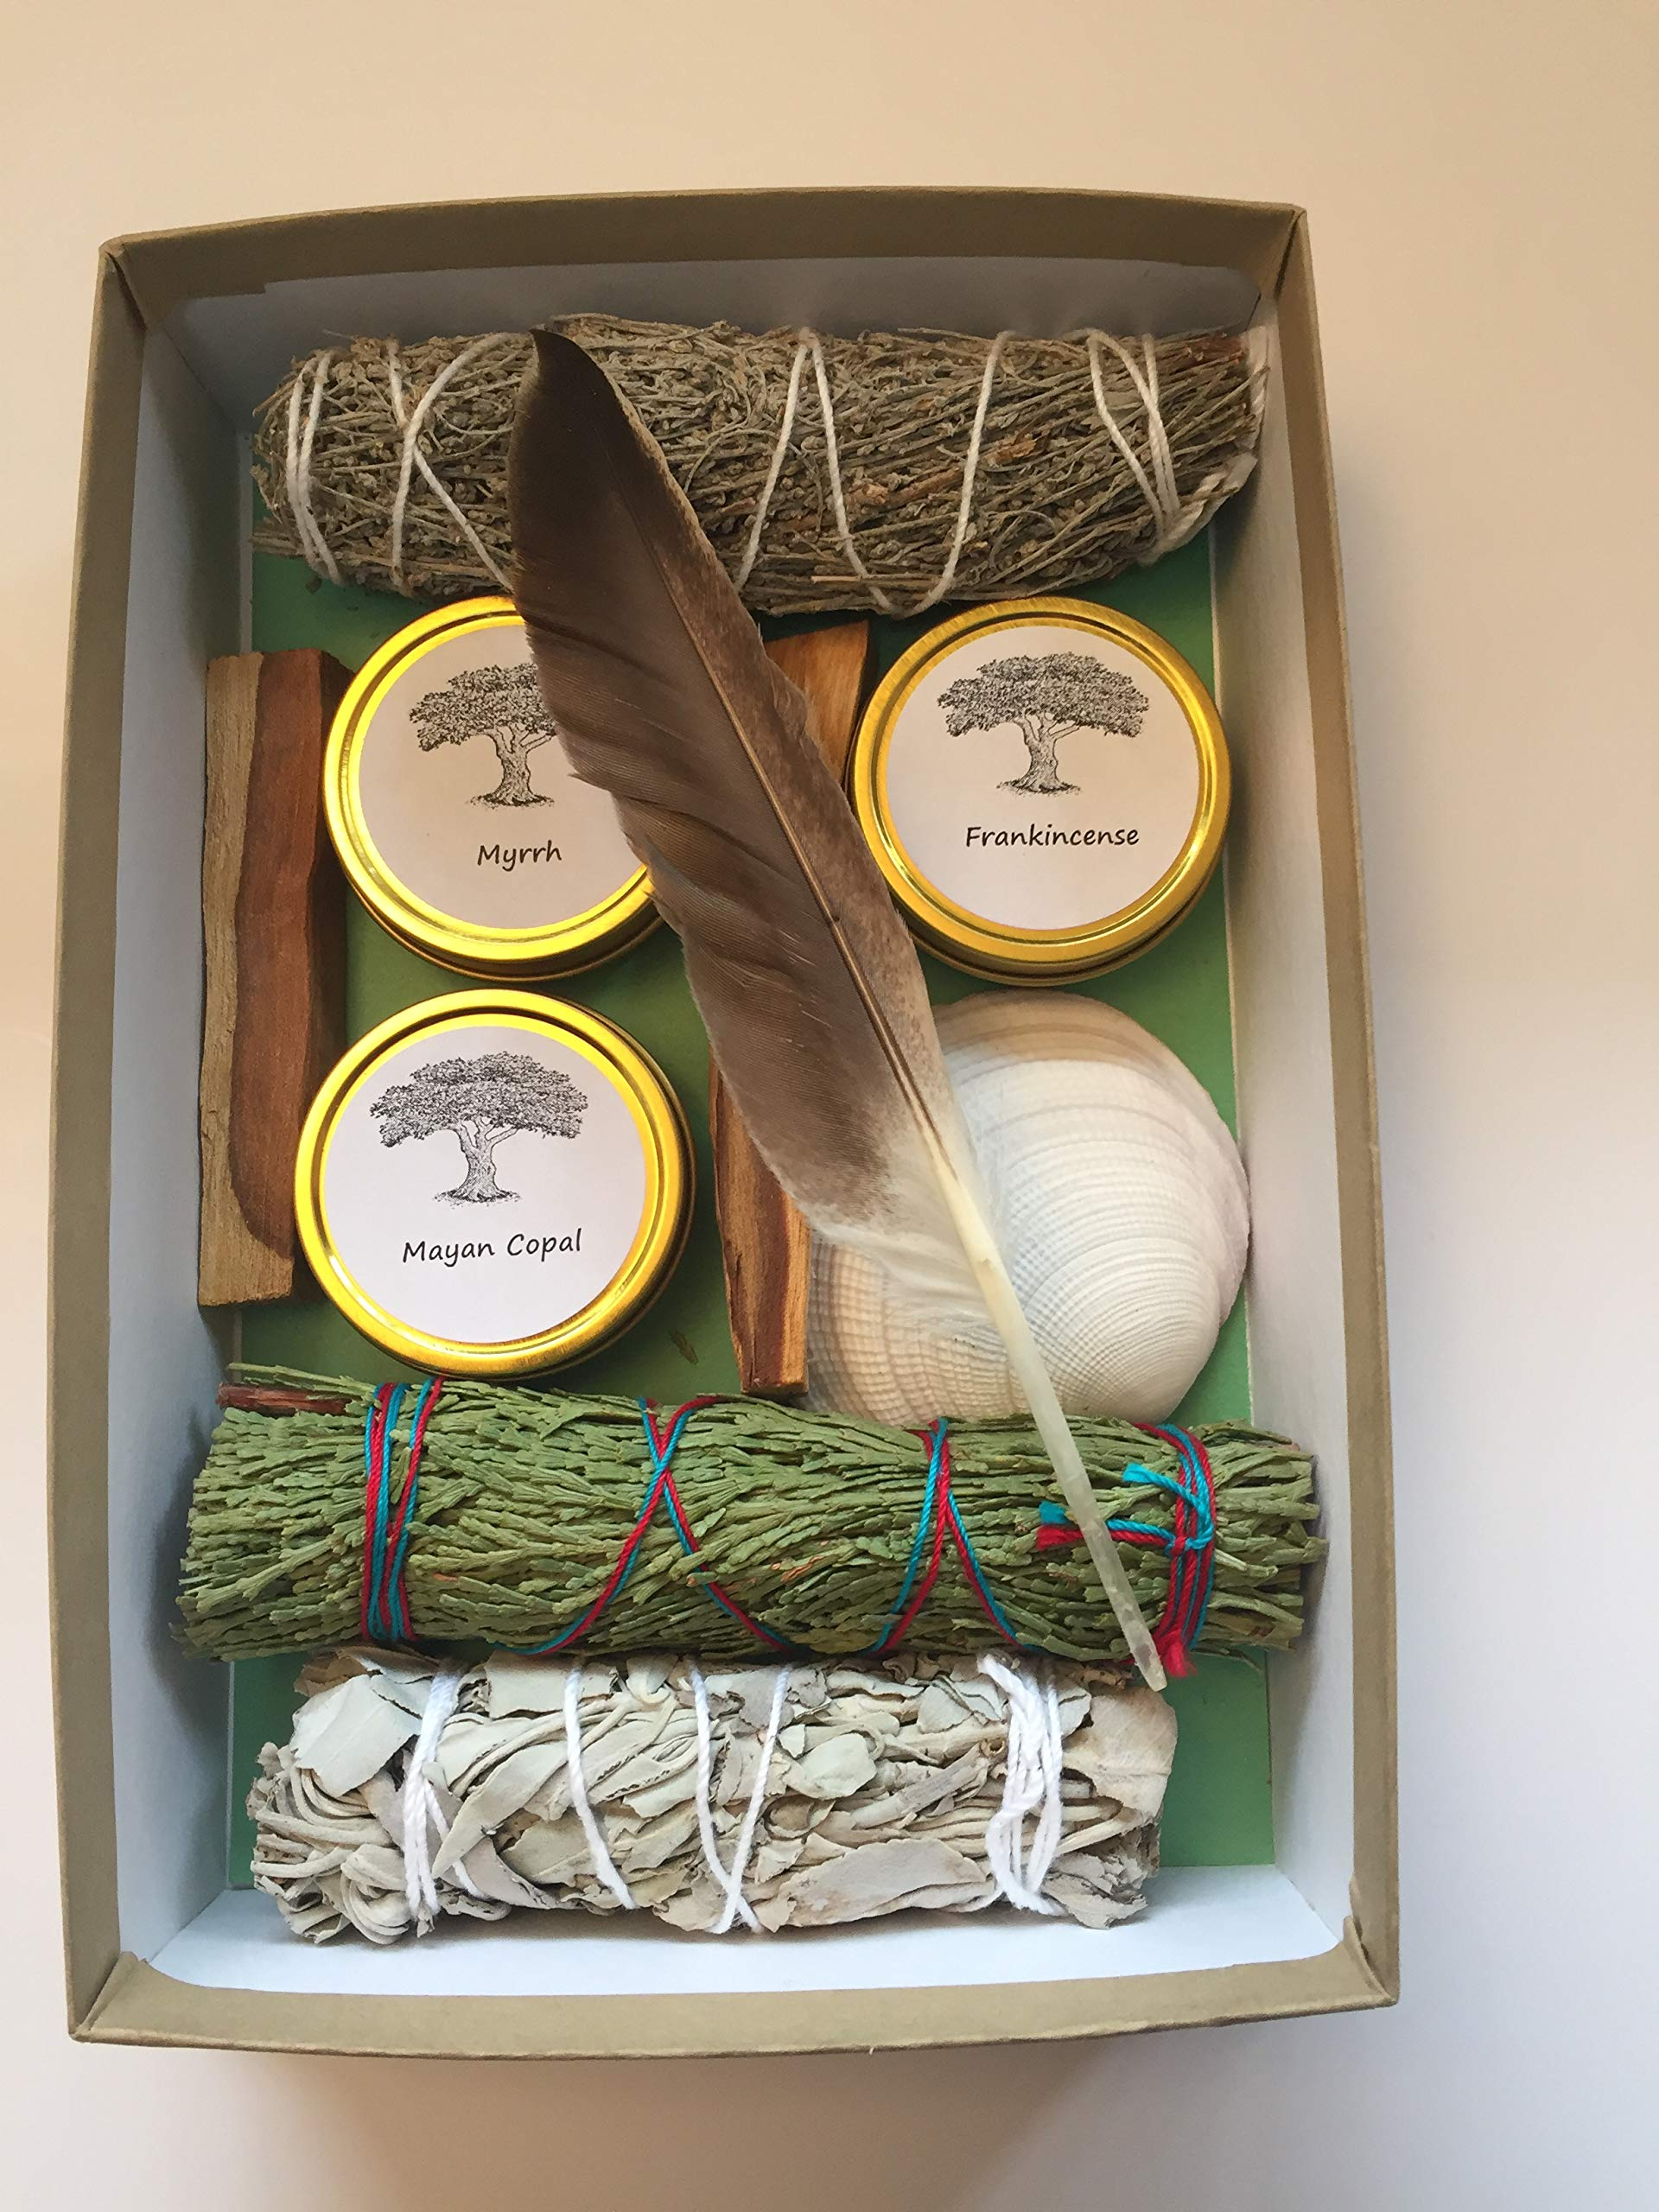 Sacred Scents For You Resin Incense and Sage Smudges Variety Gift Set Includes: Blue Sage, Cedar, White Sage & Palo Santo Wood. Frankincense, Myrrh & Mayan Copal Resins by Sacred Scents For You (Image #2)